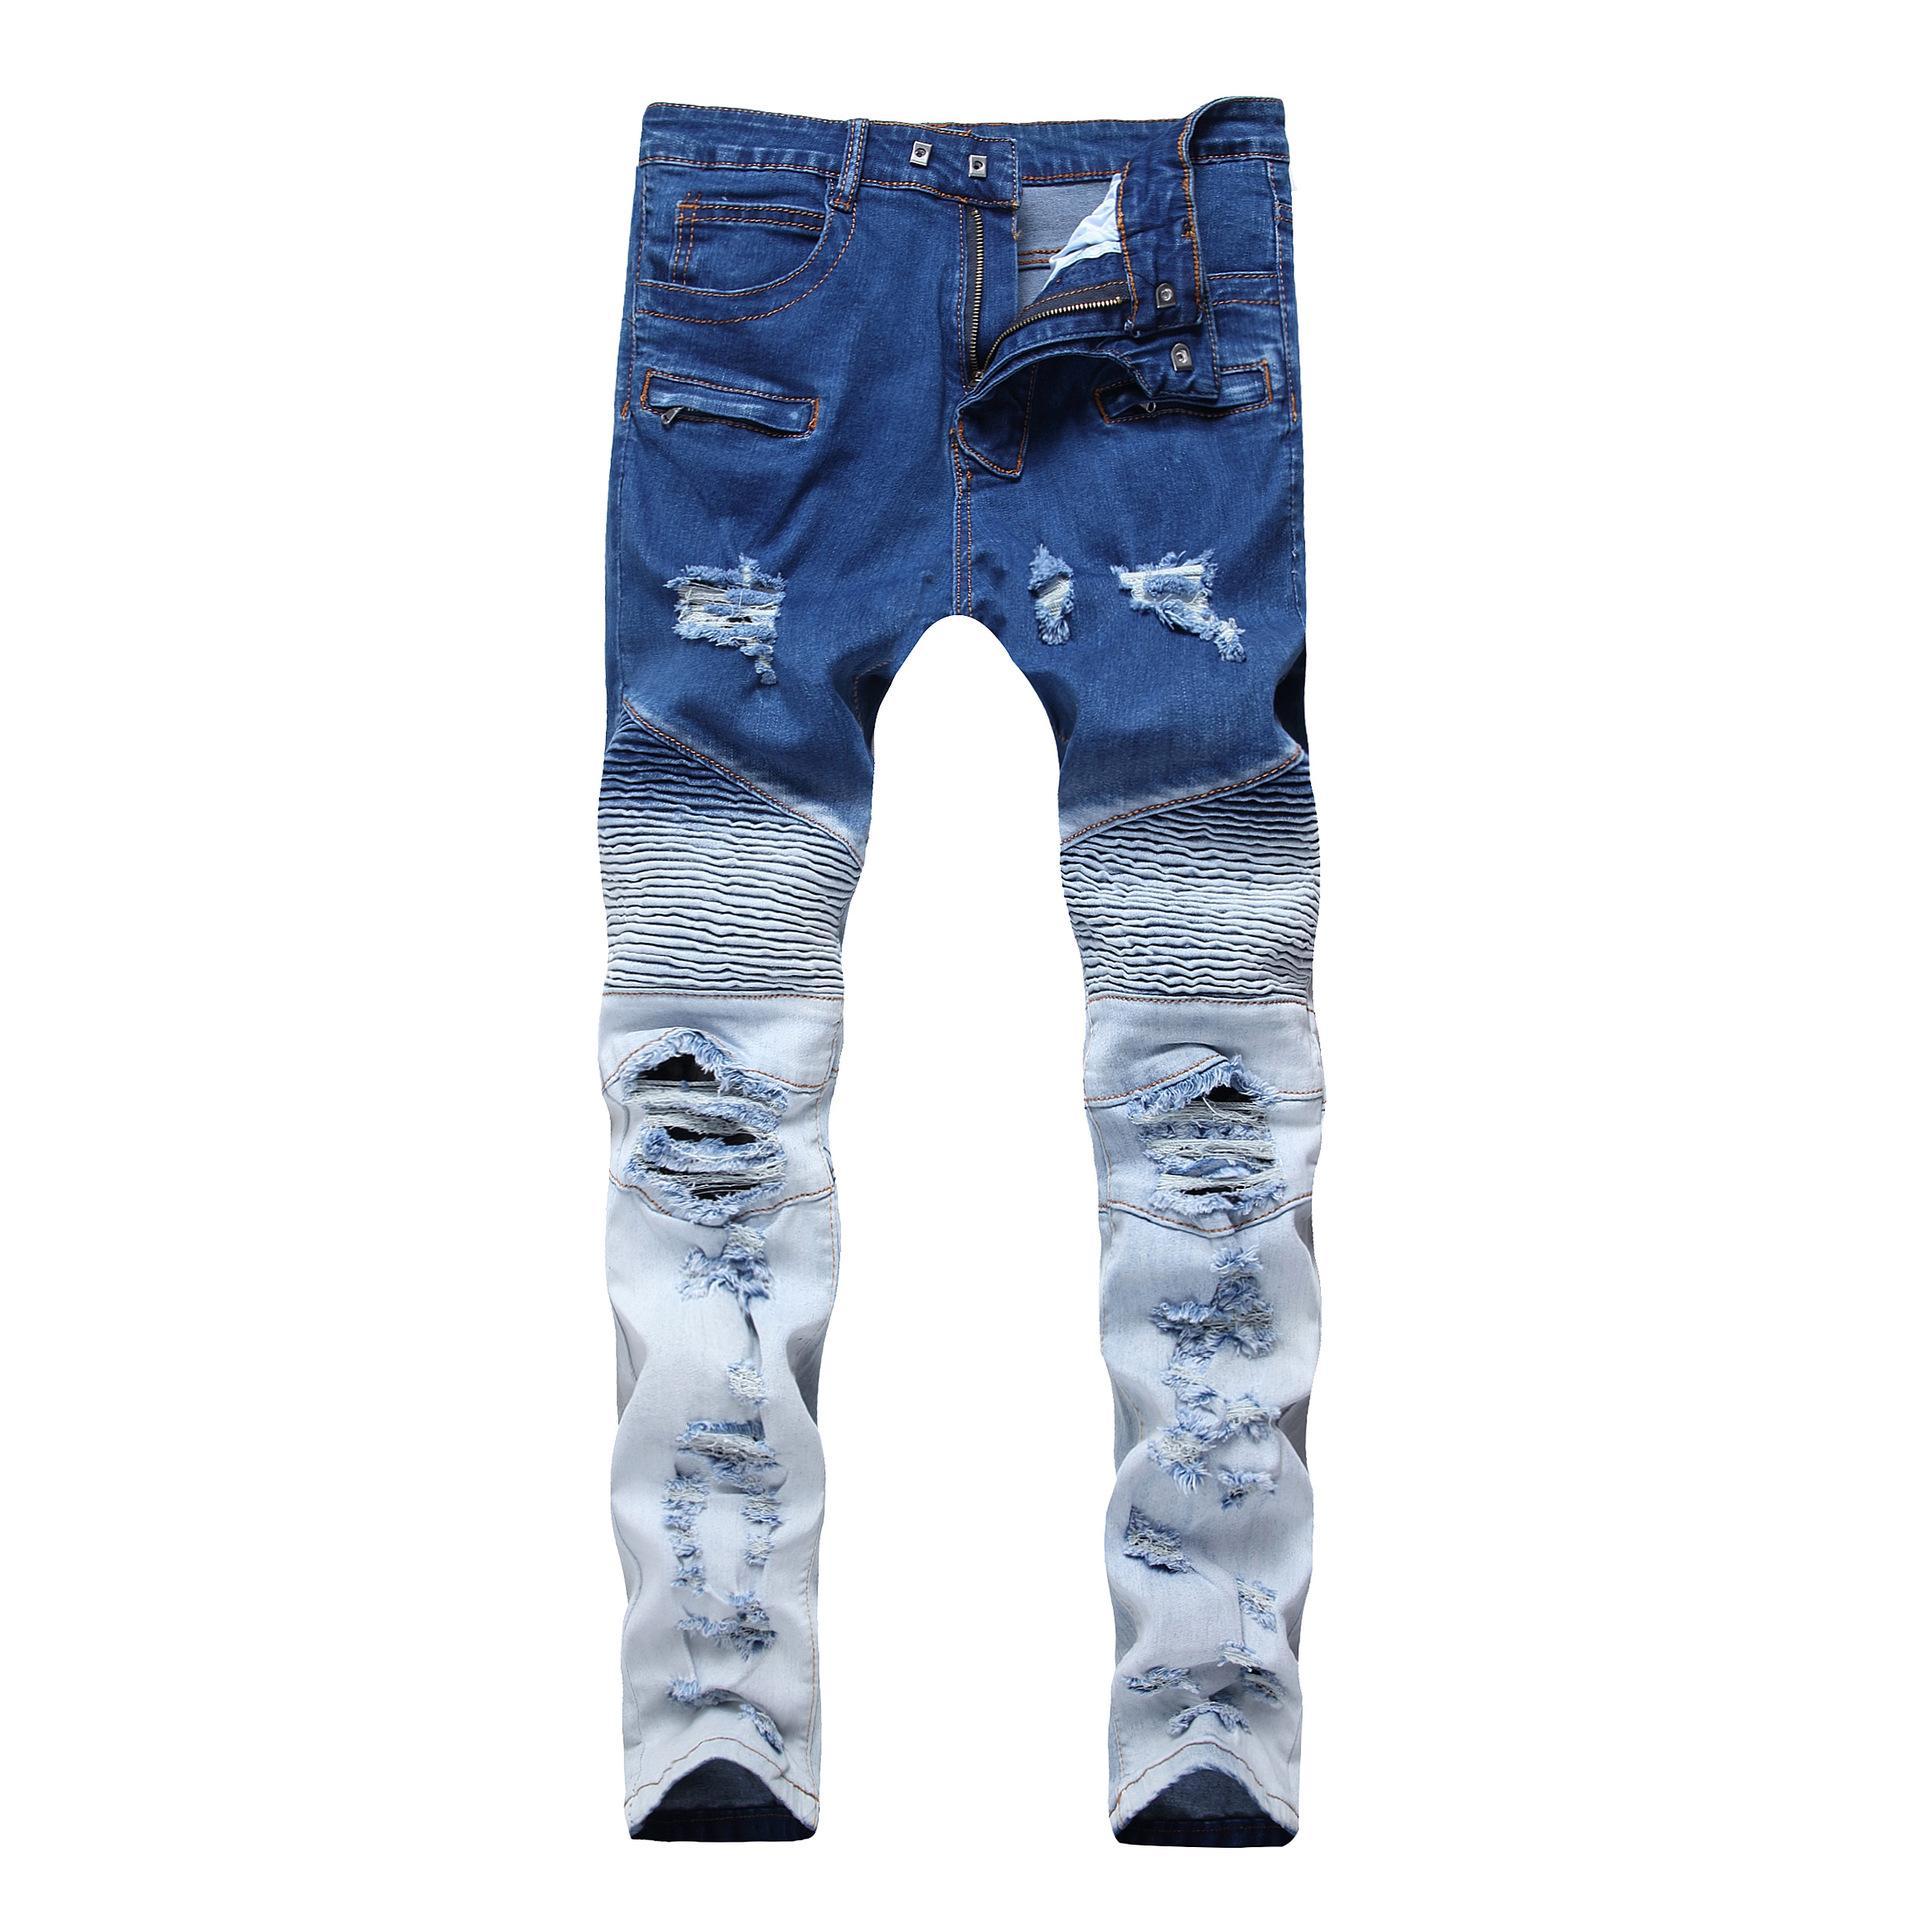 Compre Pantalones Vaqueros Para Hombre Locomotora Extranjera Jeans  Ajustados Cremallera Primavera Elasticidad Doble Color Agujero Roto  Mediados De Cintura ... 265c53a45a65